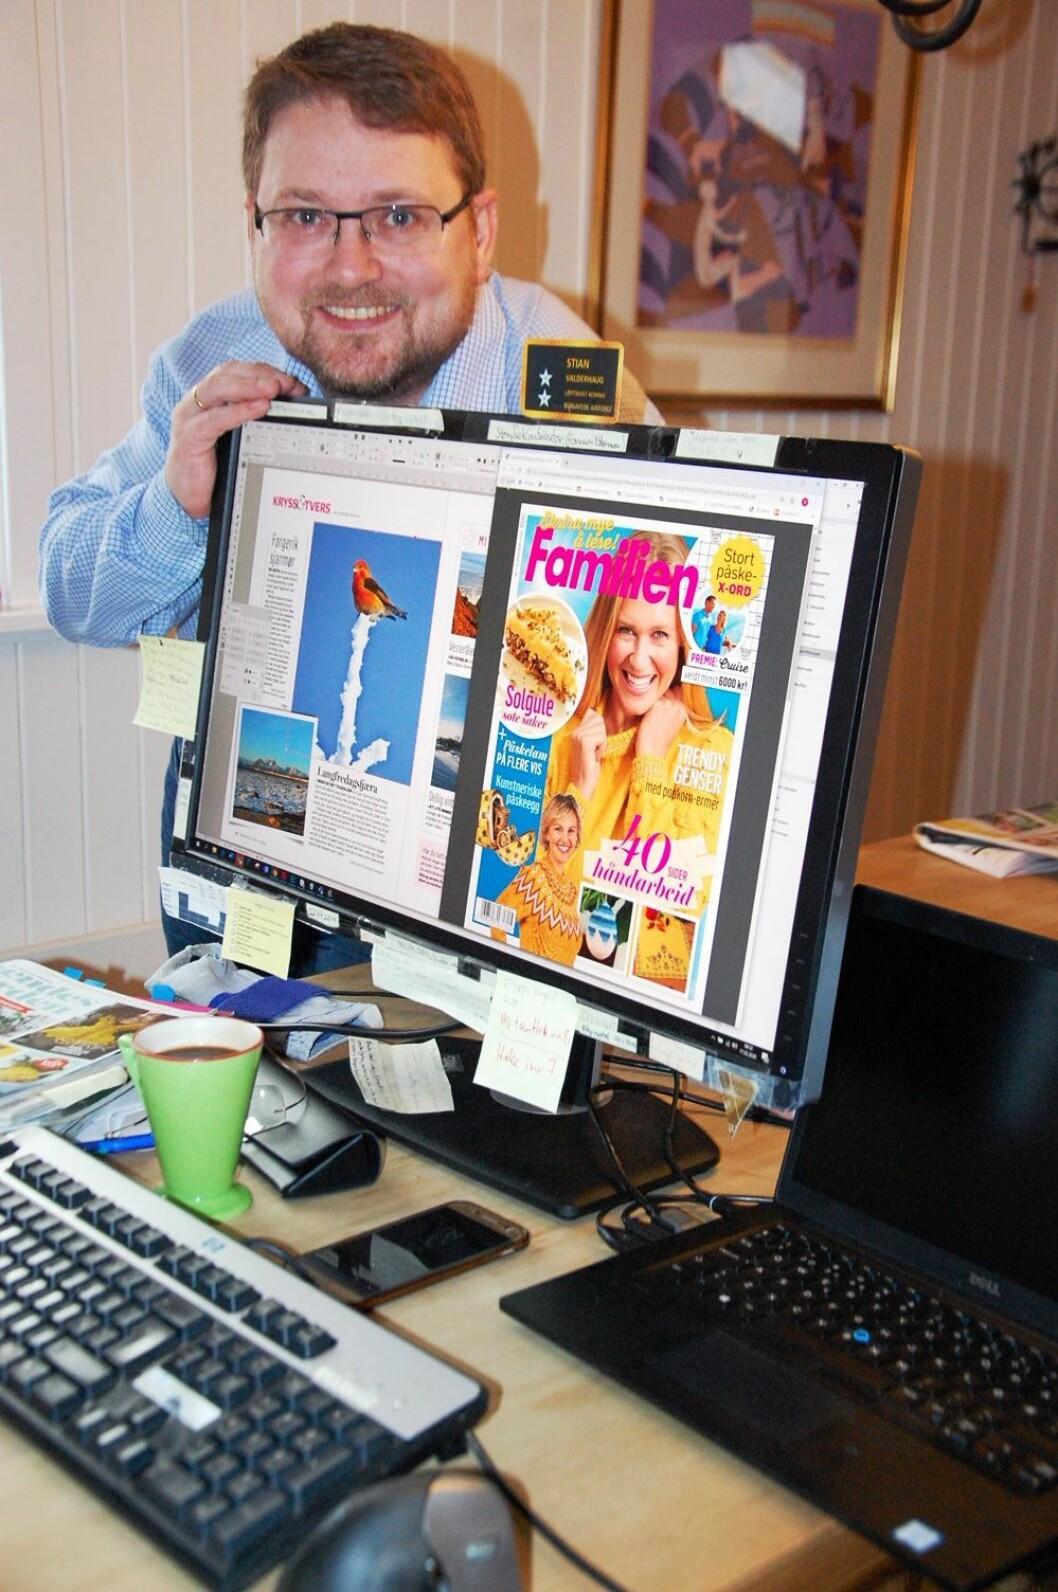 Stian Valderhaug i Familien er på plass på hjemmekontor - og enn så lenge så kommer bladene i trykken og er snart klare for distribusjon.